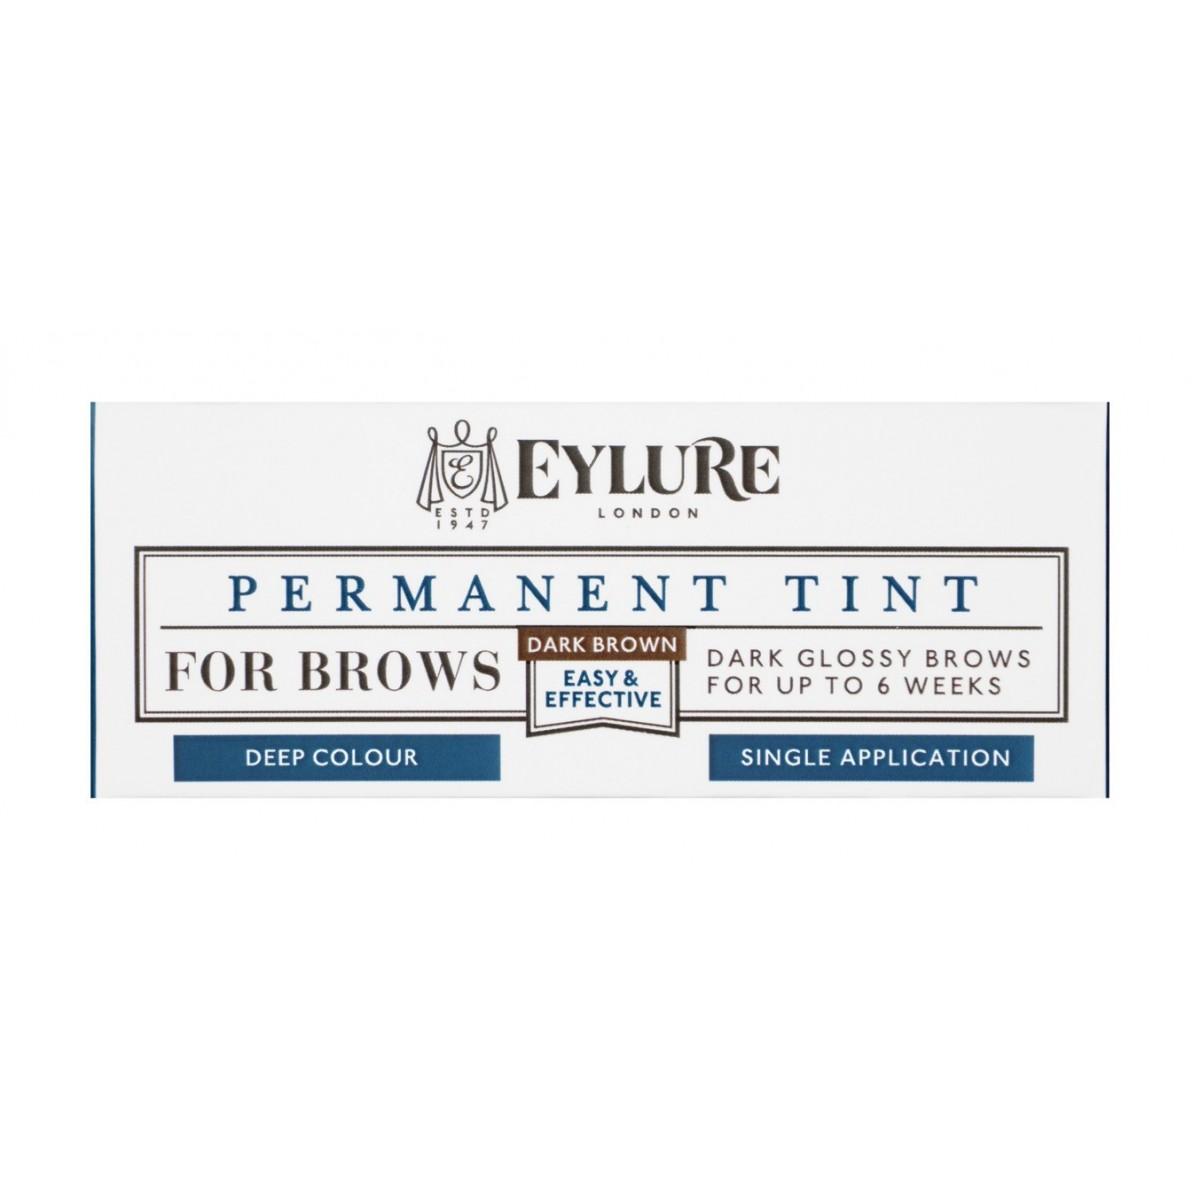 Teinture Permanente Brow Tint - 10 Dark Brown Eylure packaging